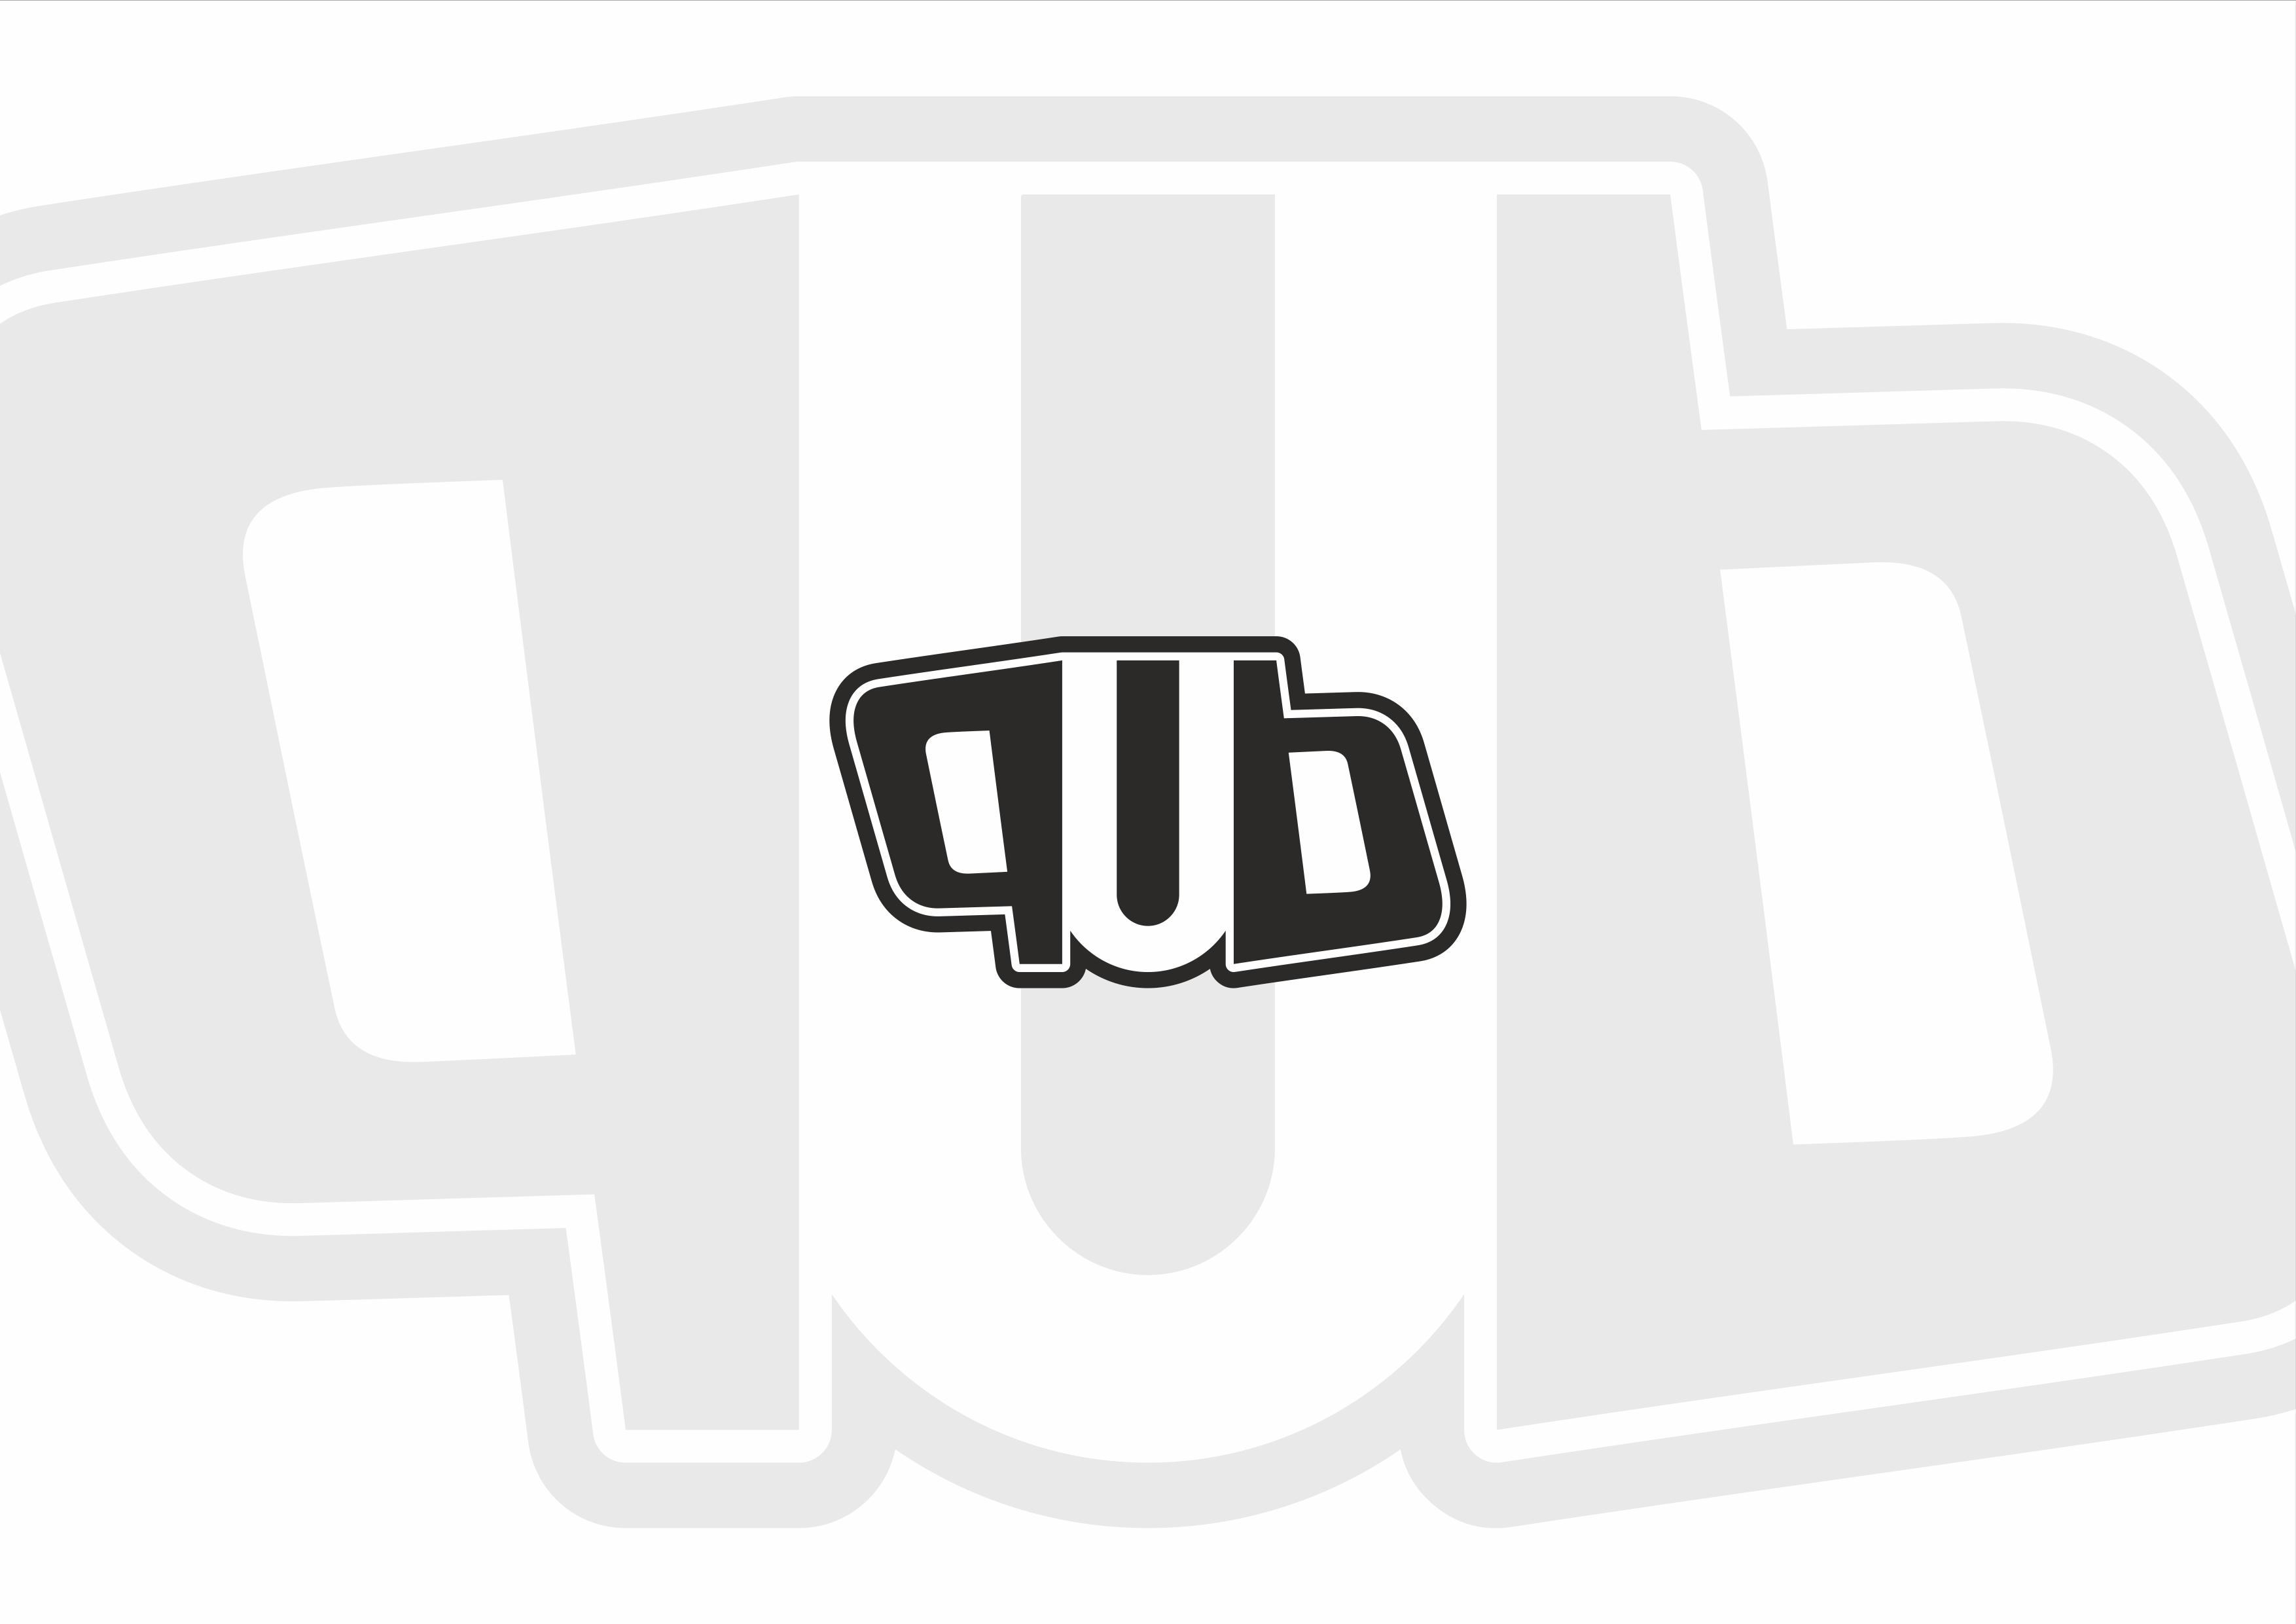 Разработка логотипа и фирменного стиля для ТМ фото f_7965f1cb2702f22b.png